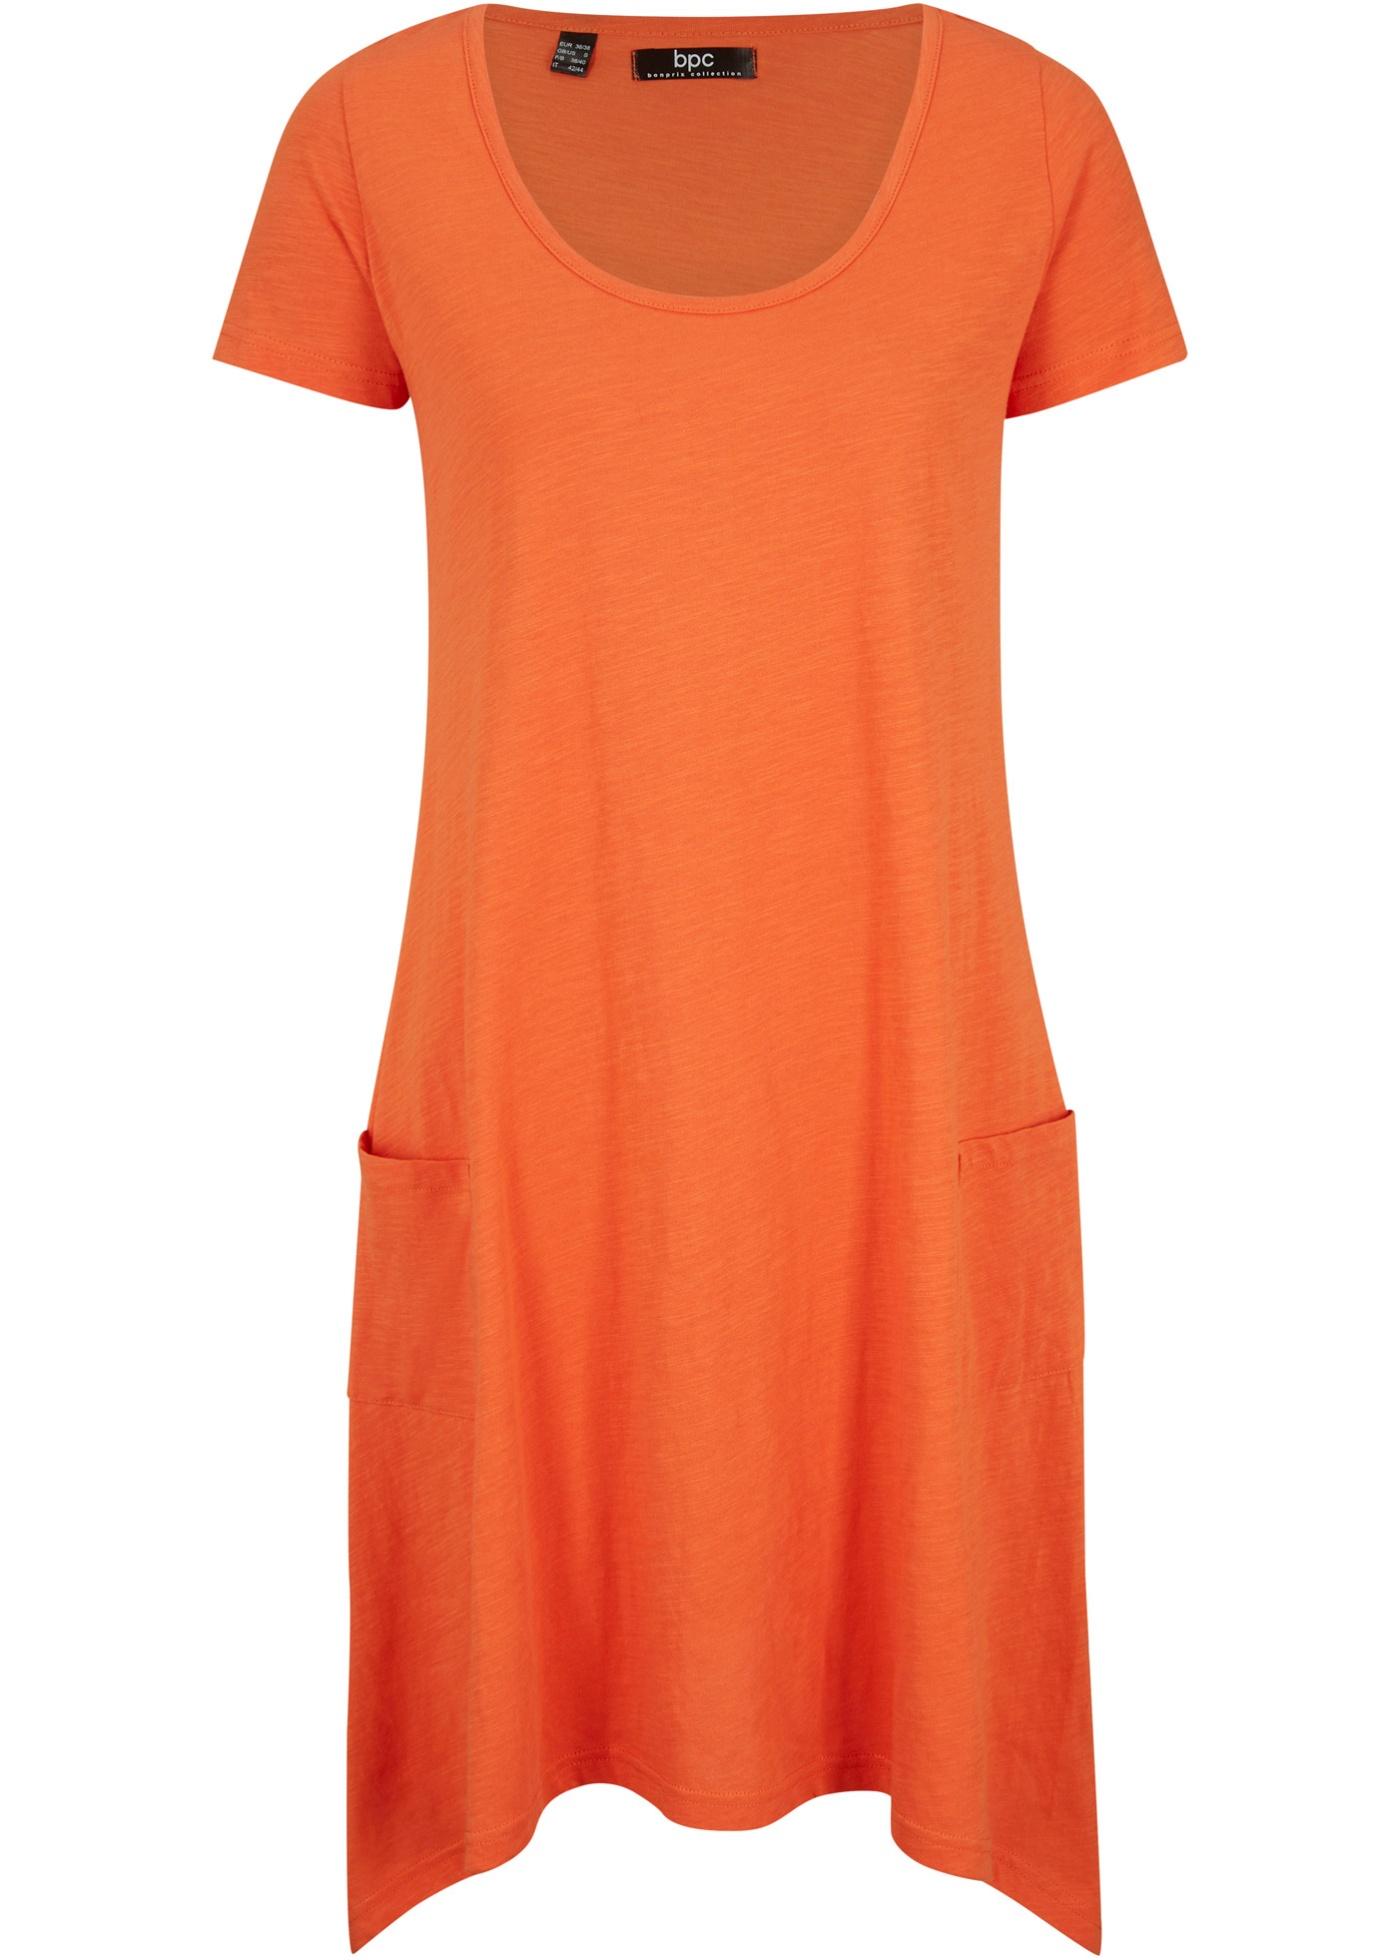 Abito a maniche corte in maglina con filato fiammato (Arancione) - bpc bonprix collection